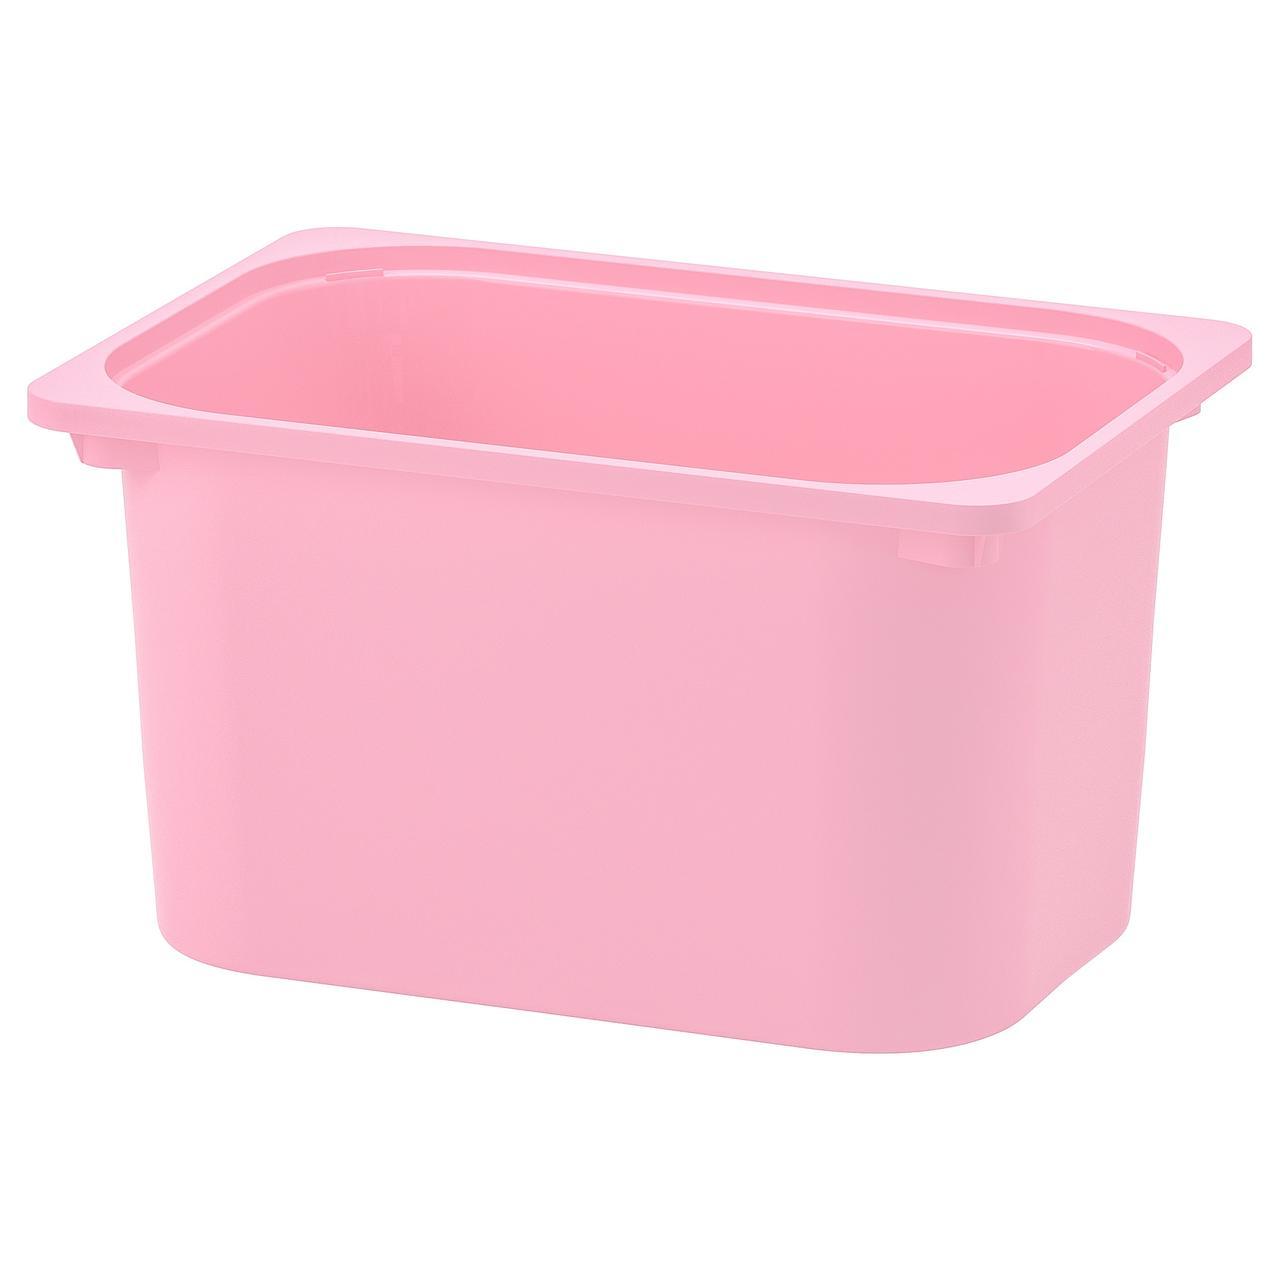 ТРУФАСТ Контейнер, розовый